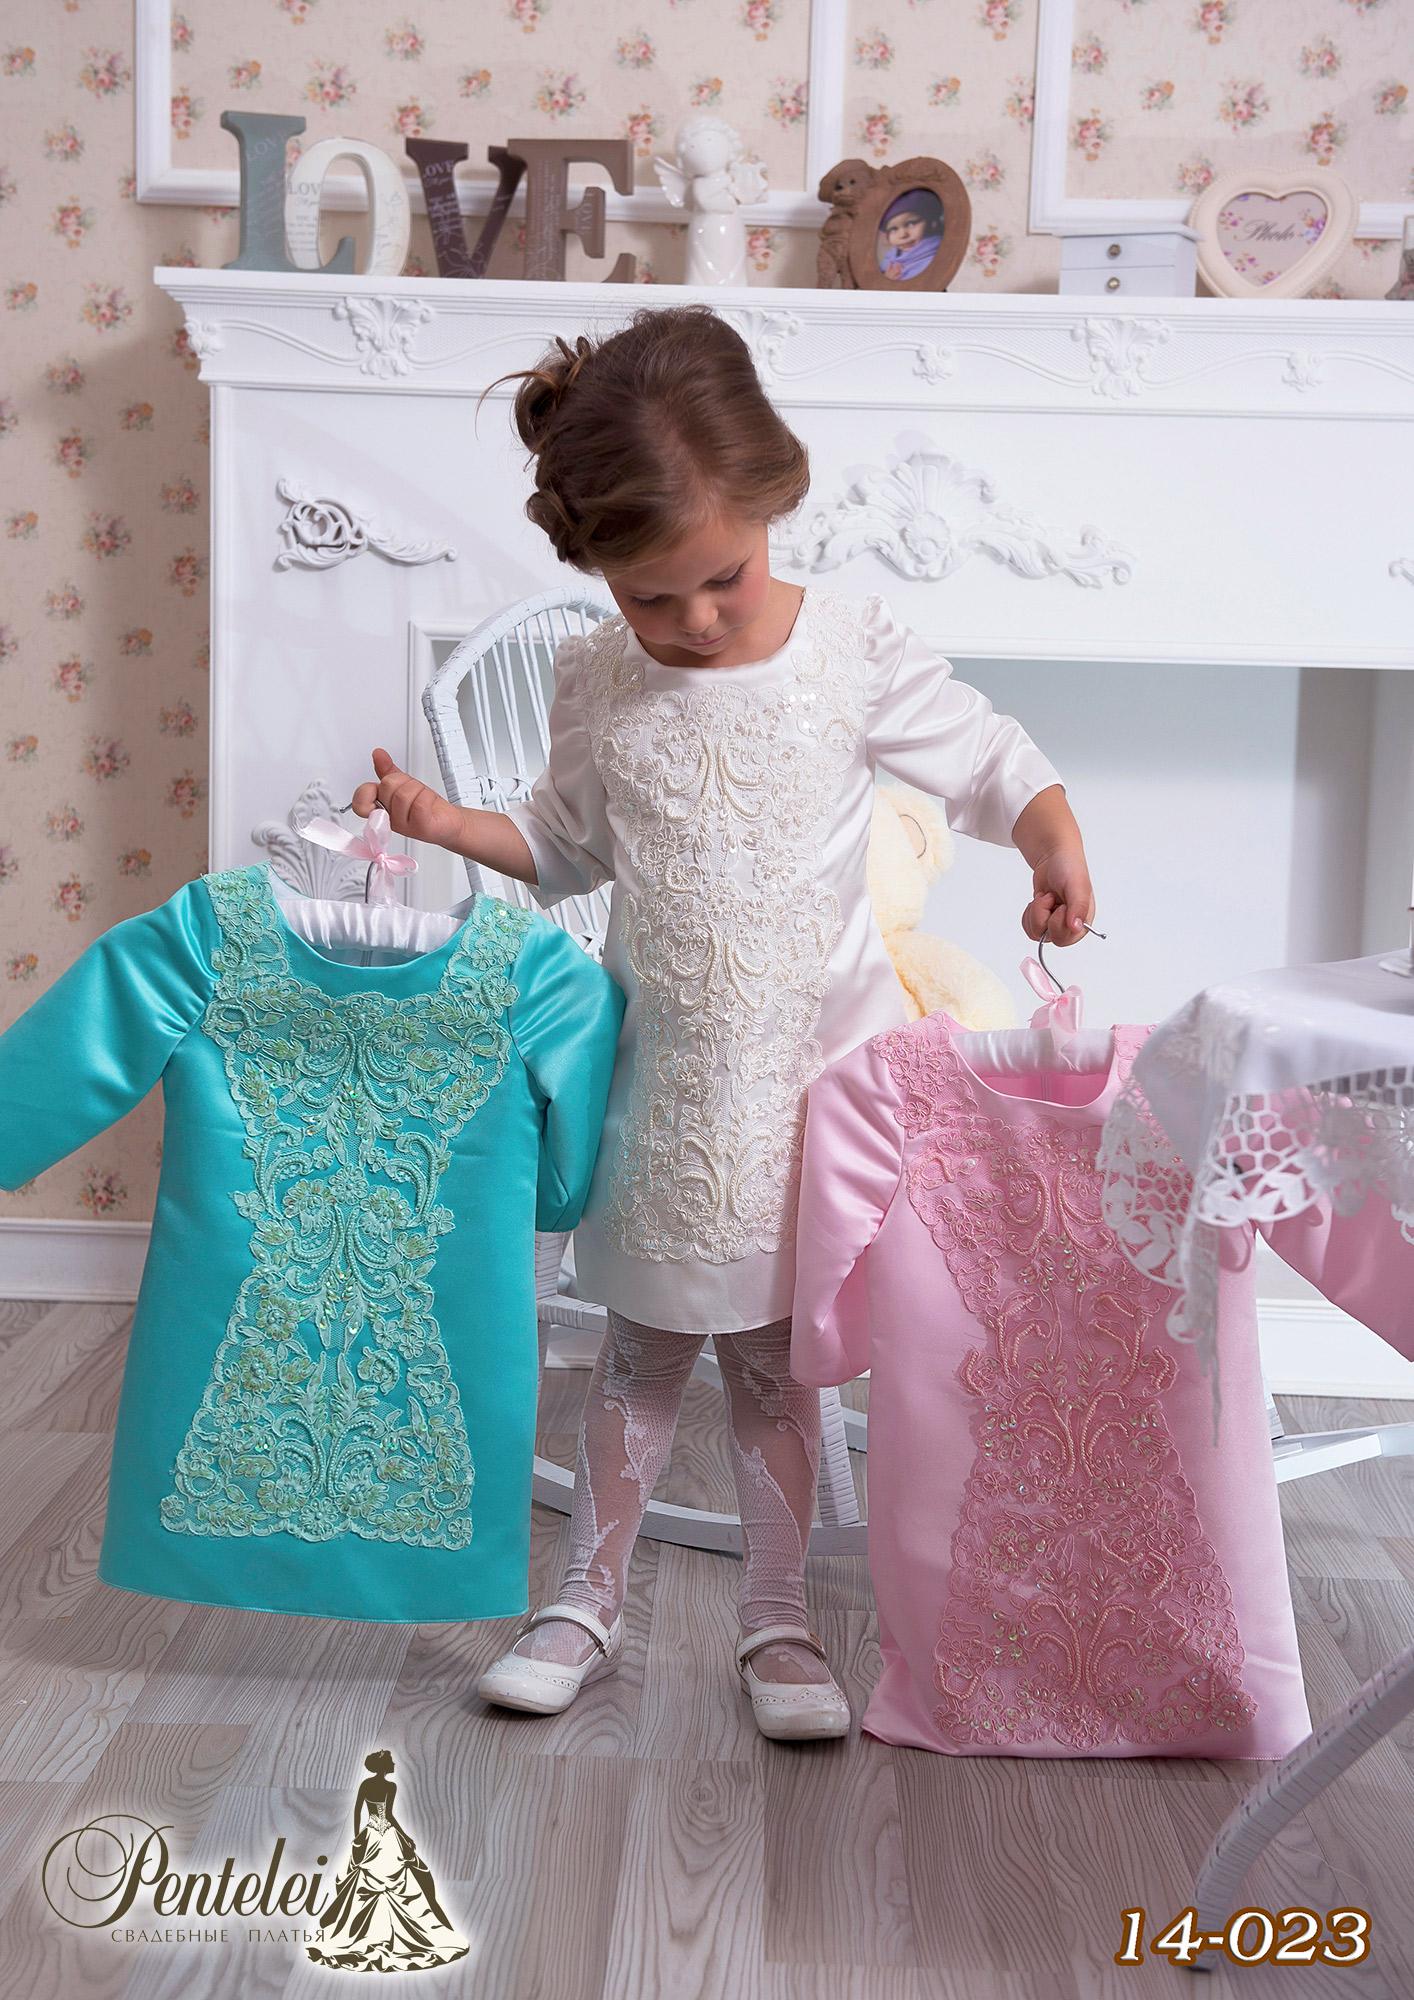 14-023 | Купити дитячі сукні оптом від Pentelei